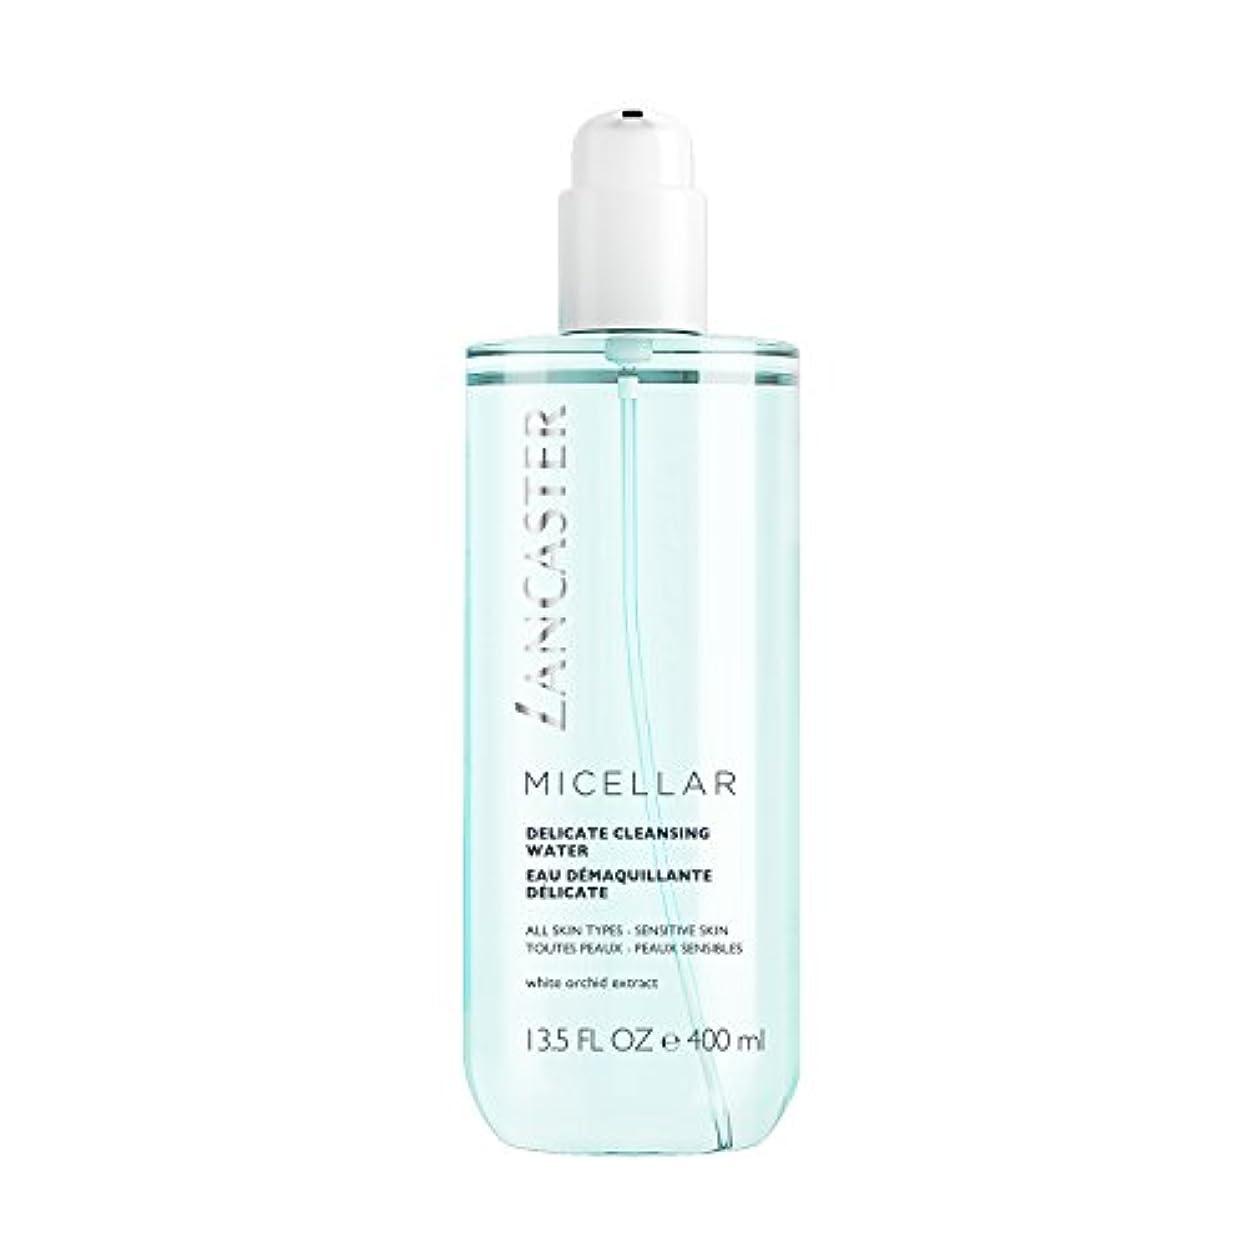 対称透過性仮装ランカスター Micellar Delicate Cleansing Water - All Skin Types, Including Sensitive Skin 400ml/13.5oz並行輸入品